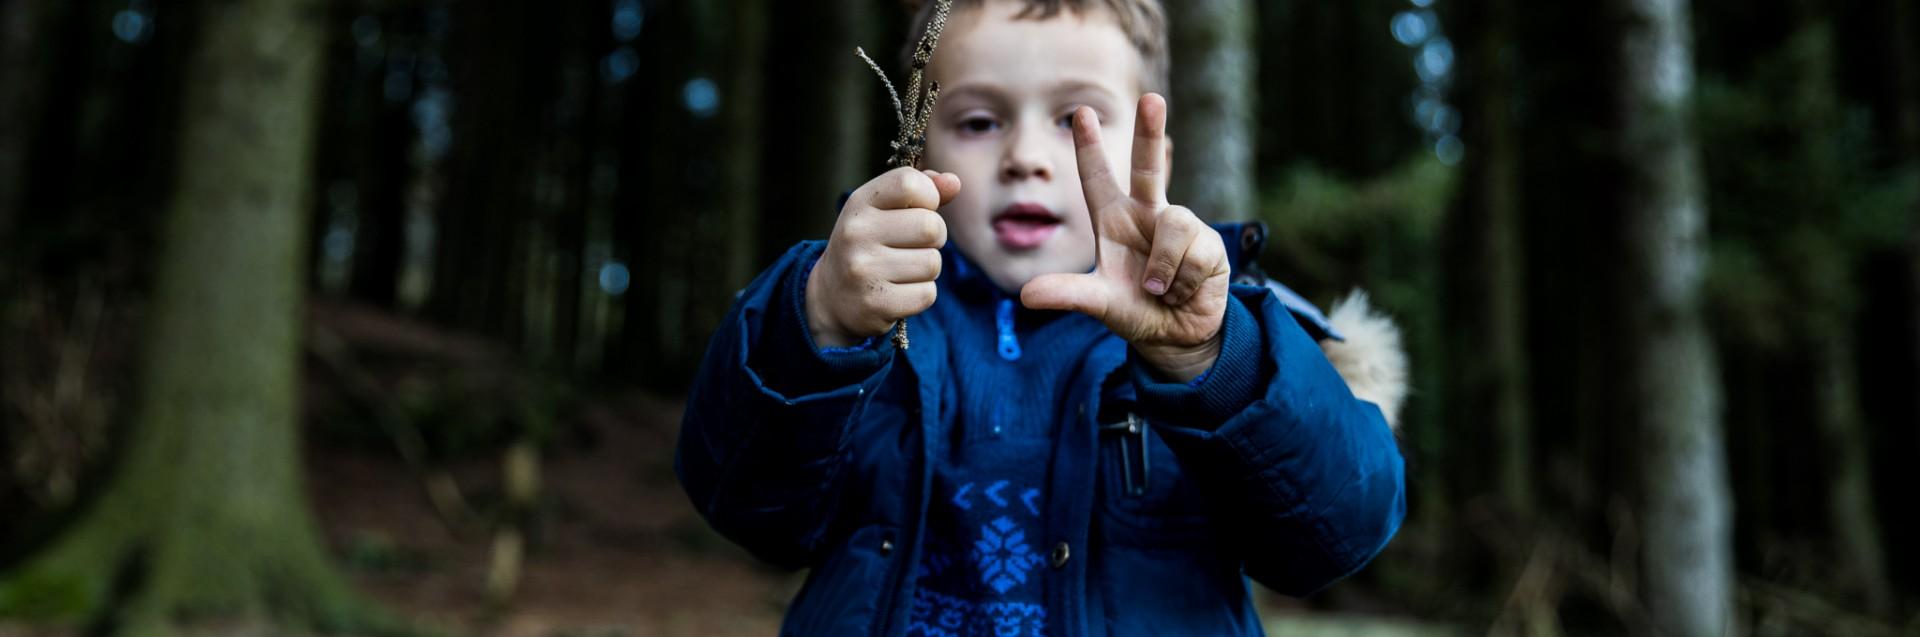 Gutt leker i skogen